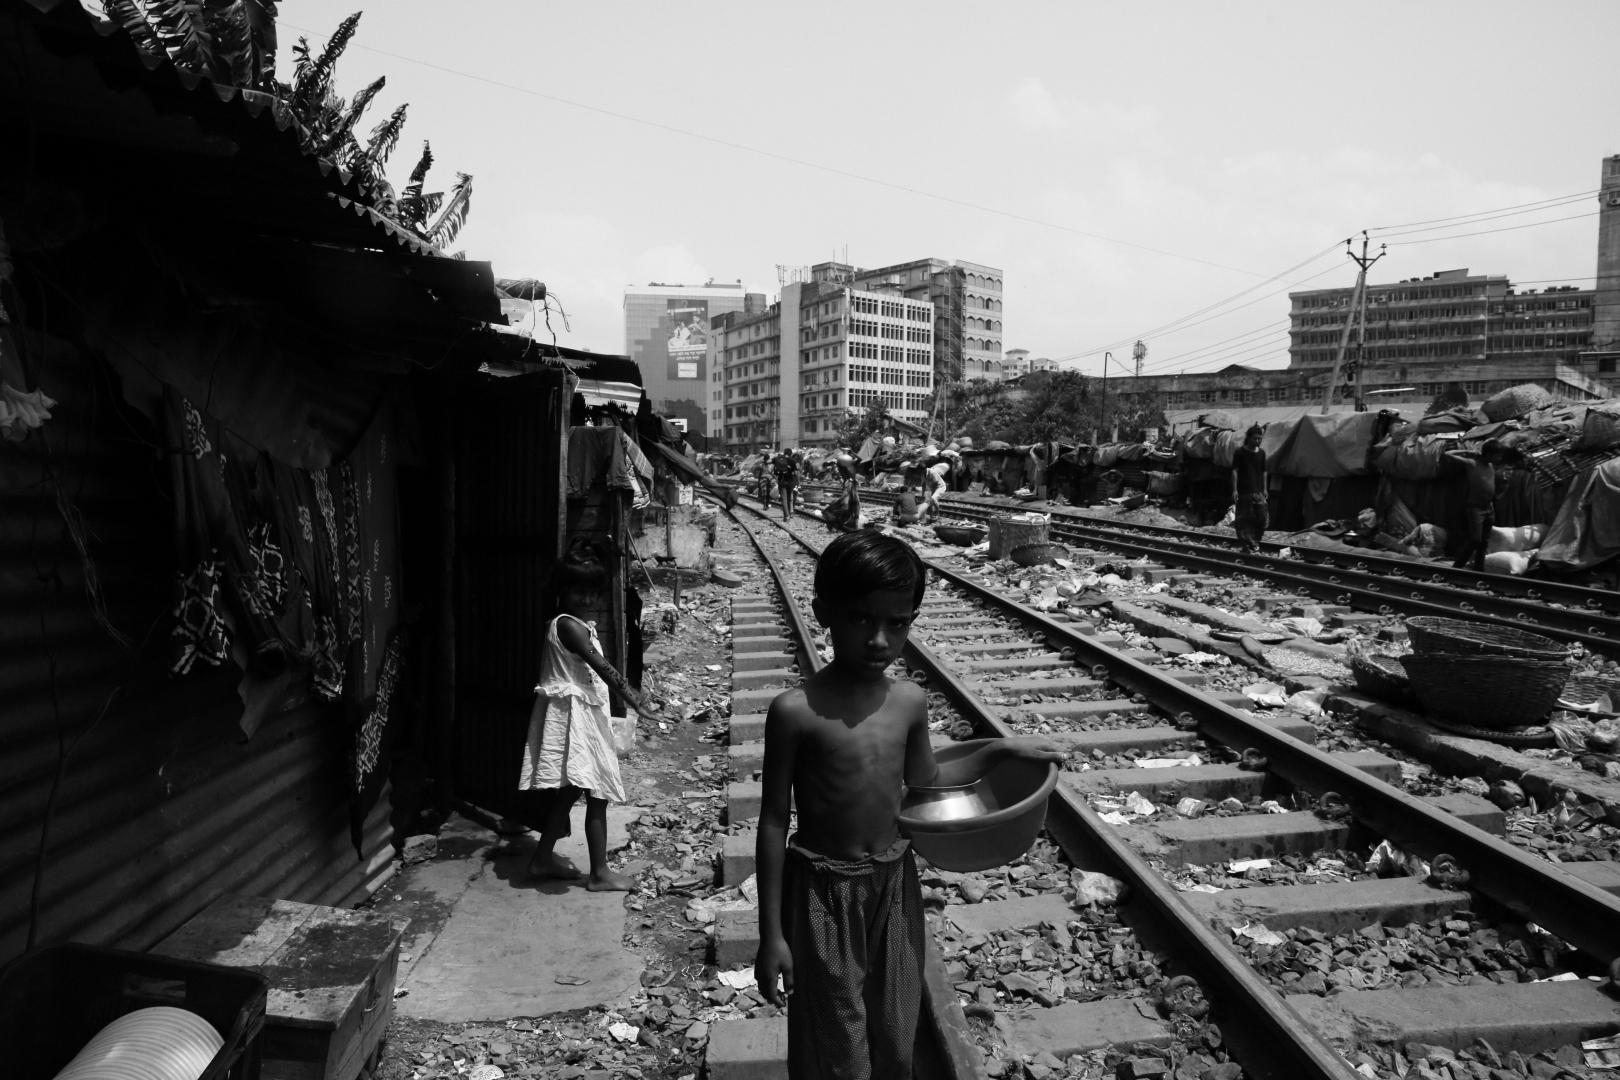 Пока поезда нет, люди занимаются своими делами на рельсах